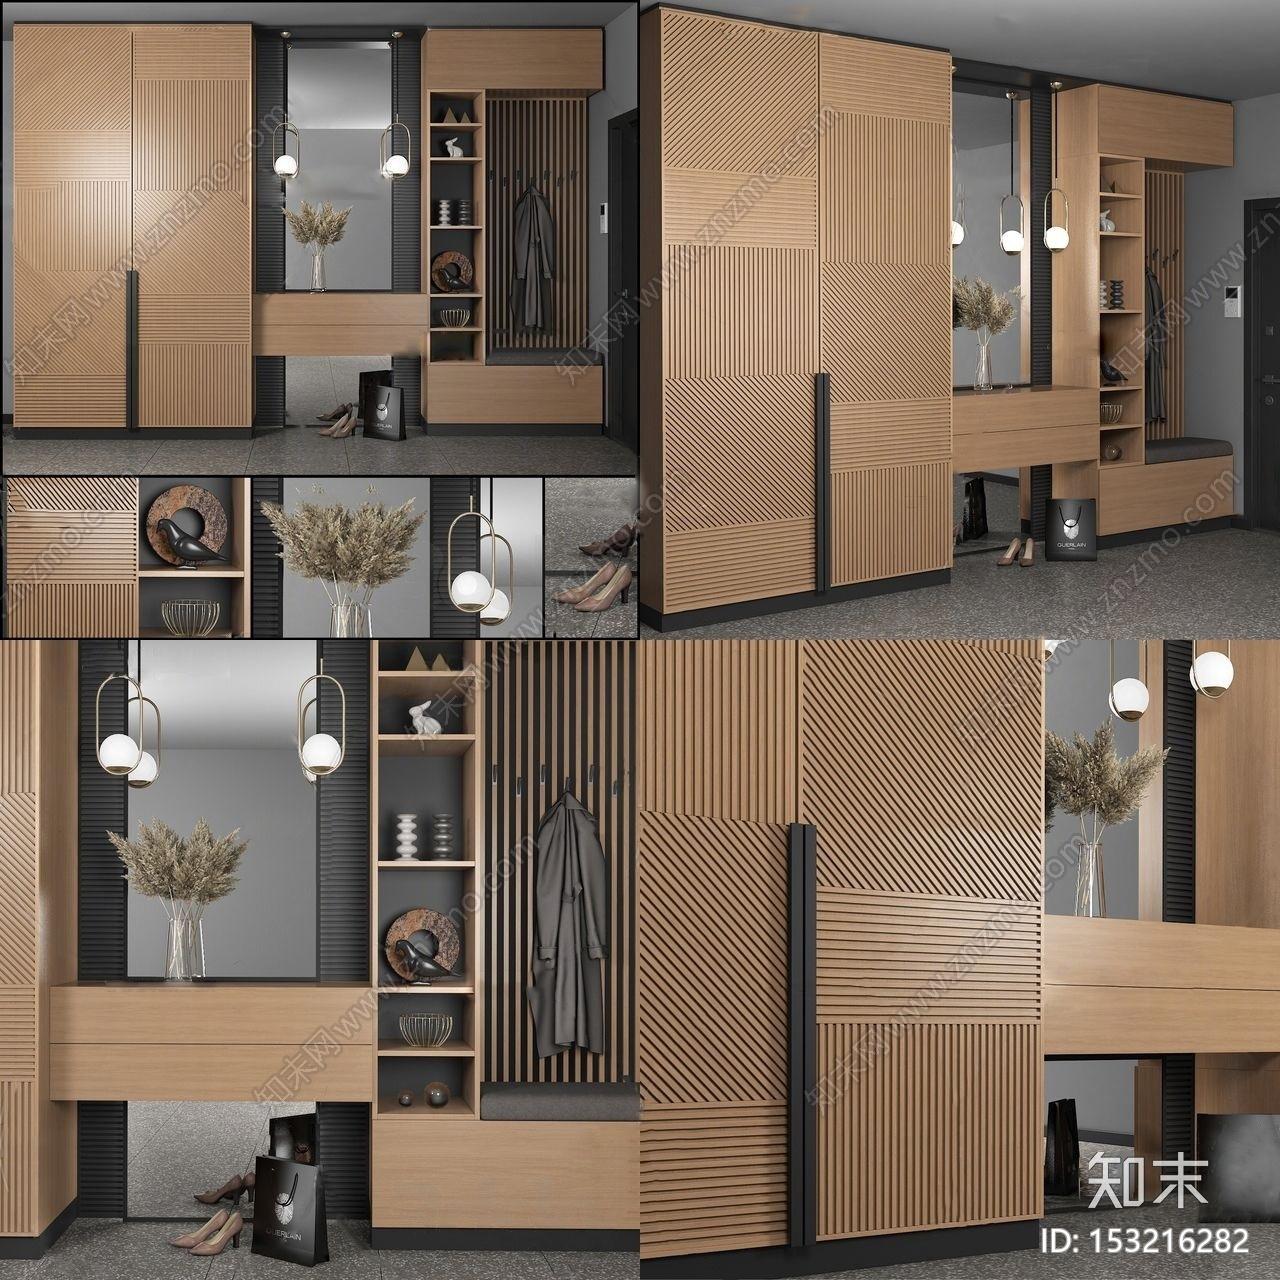 新中式多功能鞋柜3d模型3D模型下载【ID:153216282】